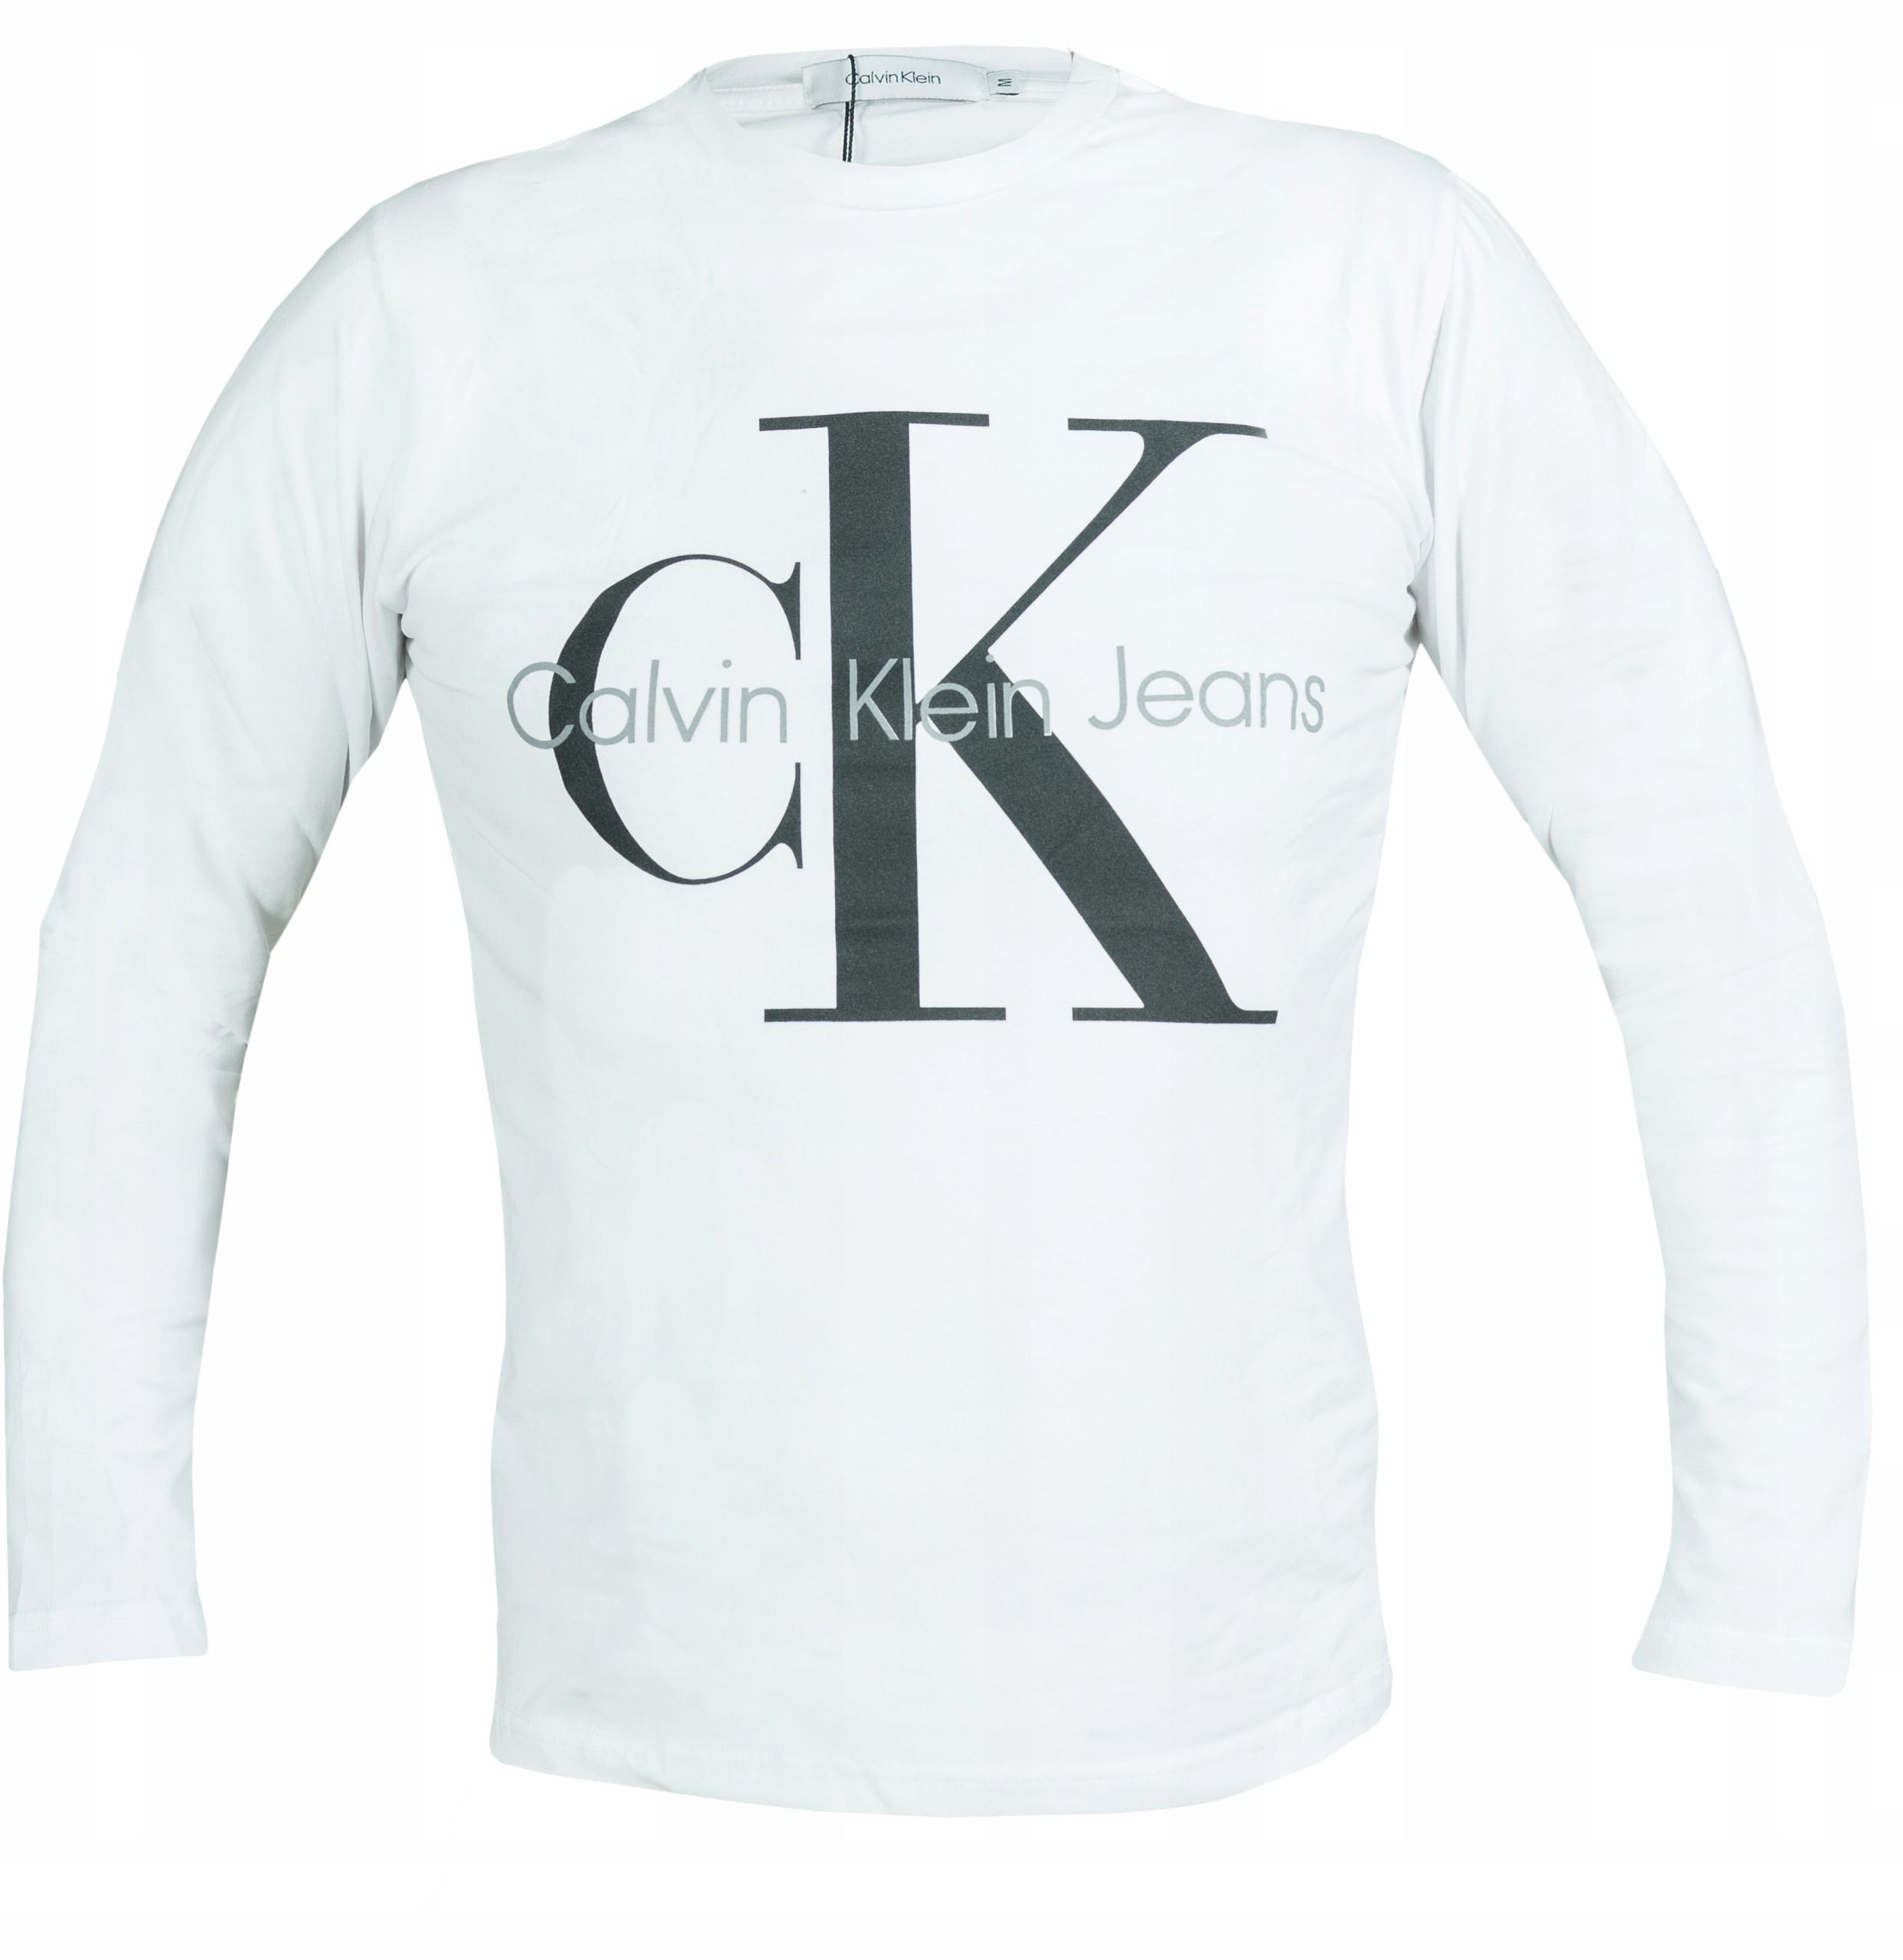 CALVIN KLEIN LONGSLEEVE MĘSKI BIAŁY CK logo M